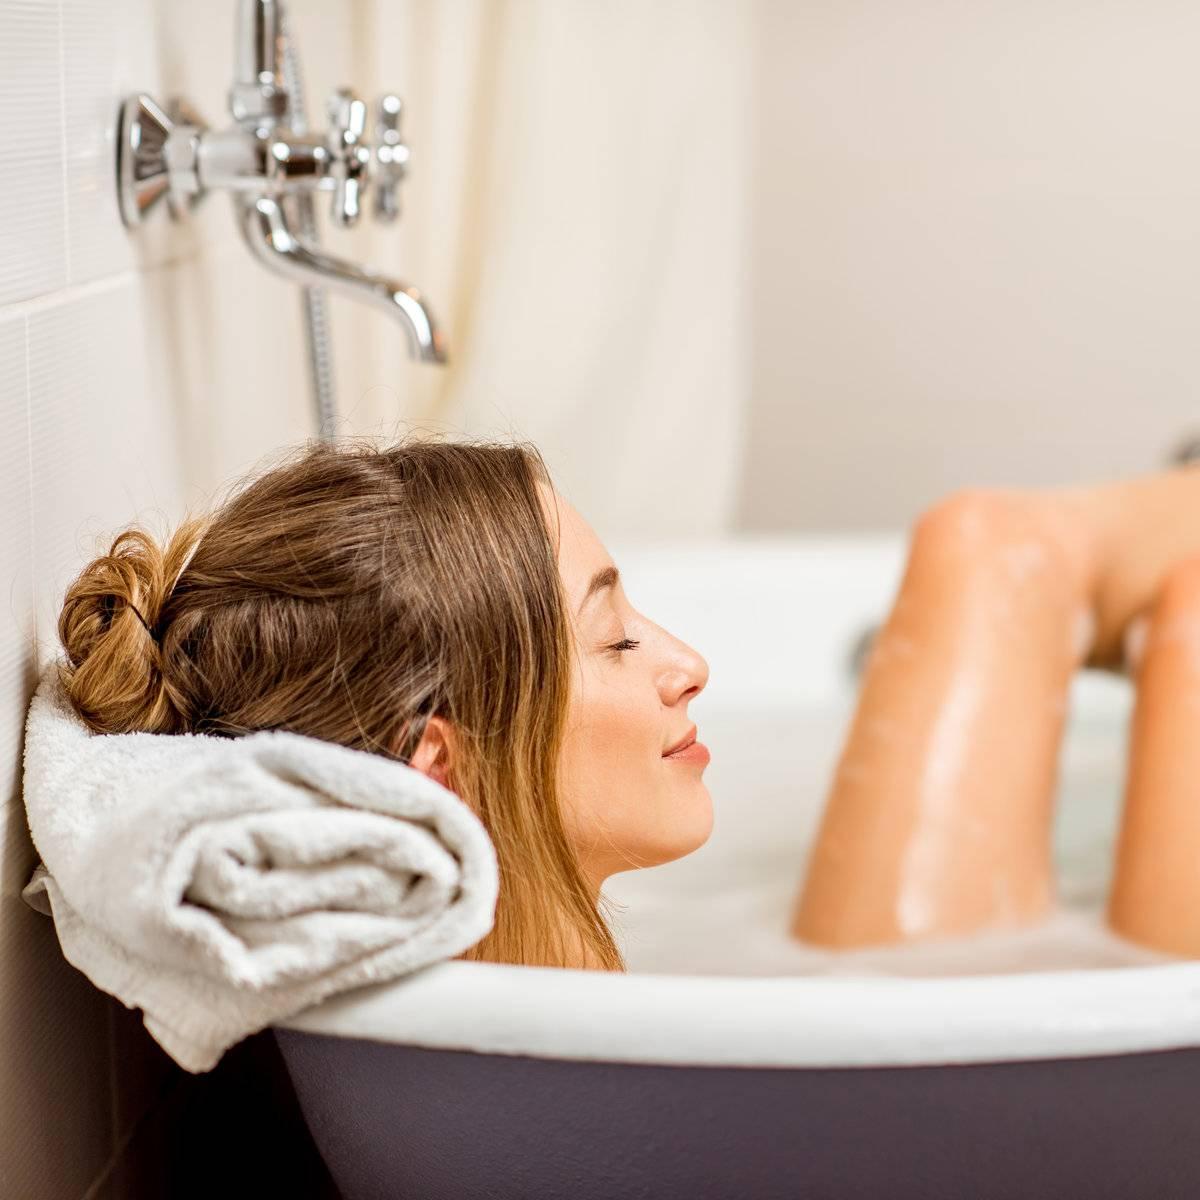 Можно ли принимать горячую или тёплую ванну при цистите